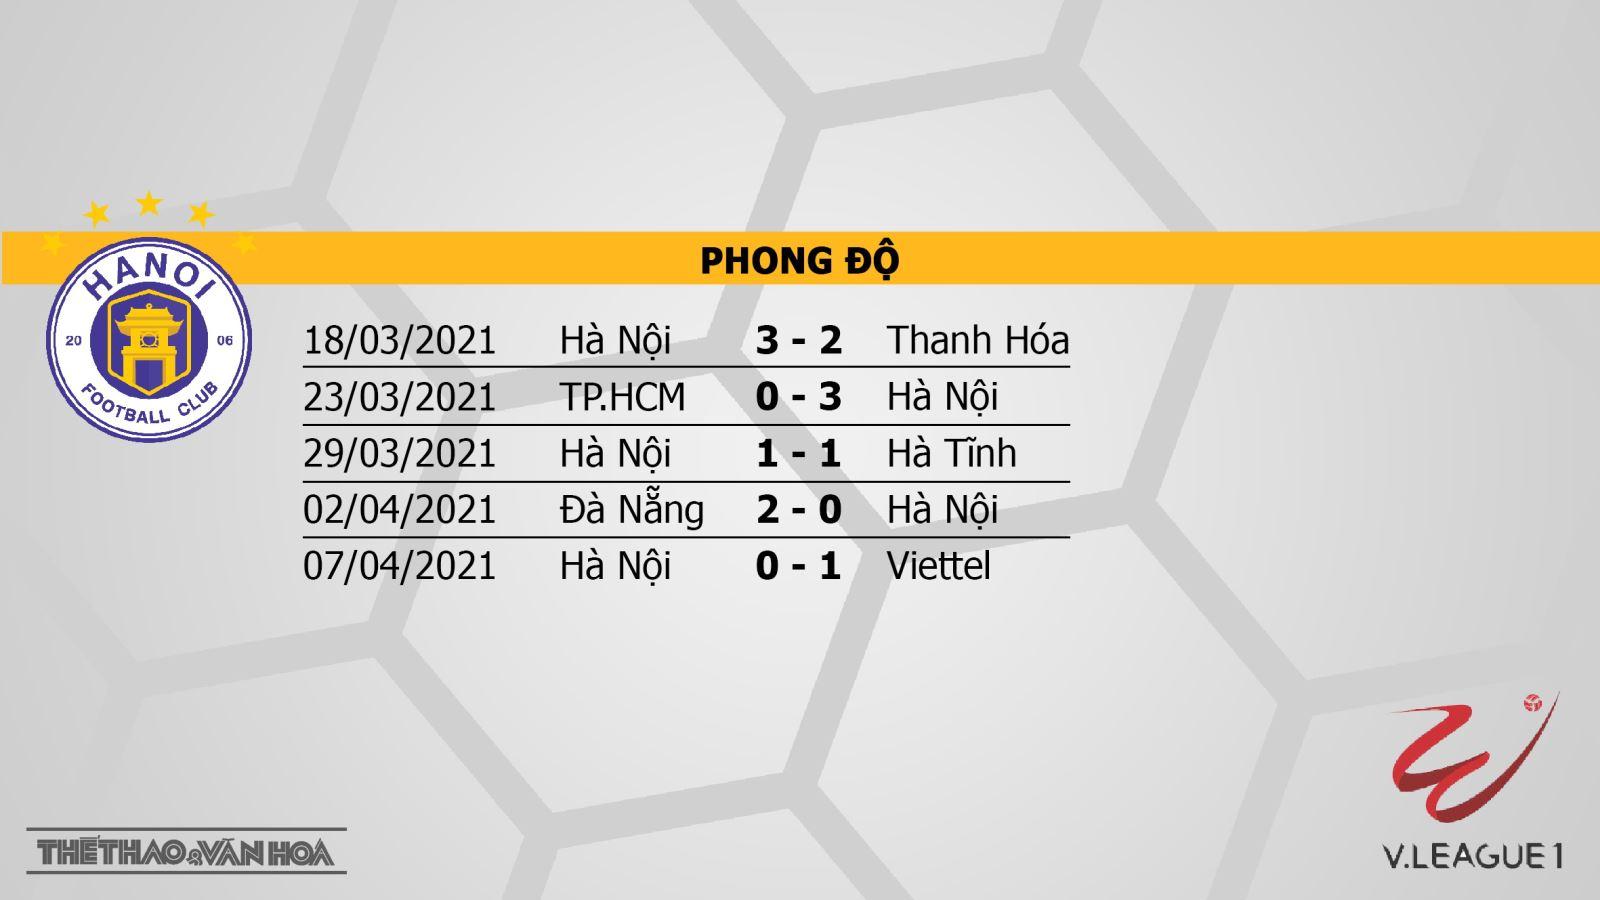 Keo nha cai, Kèo nhà cái, Hà Nội vs Quảng Ninh, TTTV, Trực tiếp bóng đá Việt Nam, kèo bóng đá, trực tiếp Hà Nội đấu với Quảng Ninh, lịch thi đấu V-League, bxh V-League